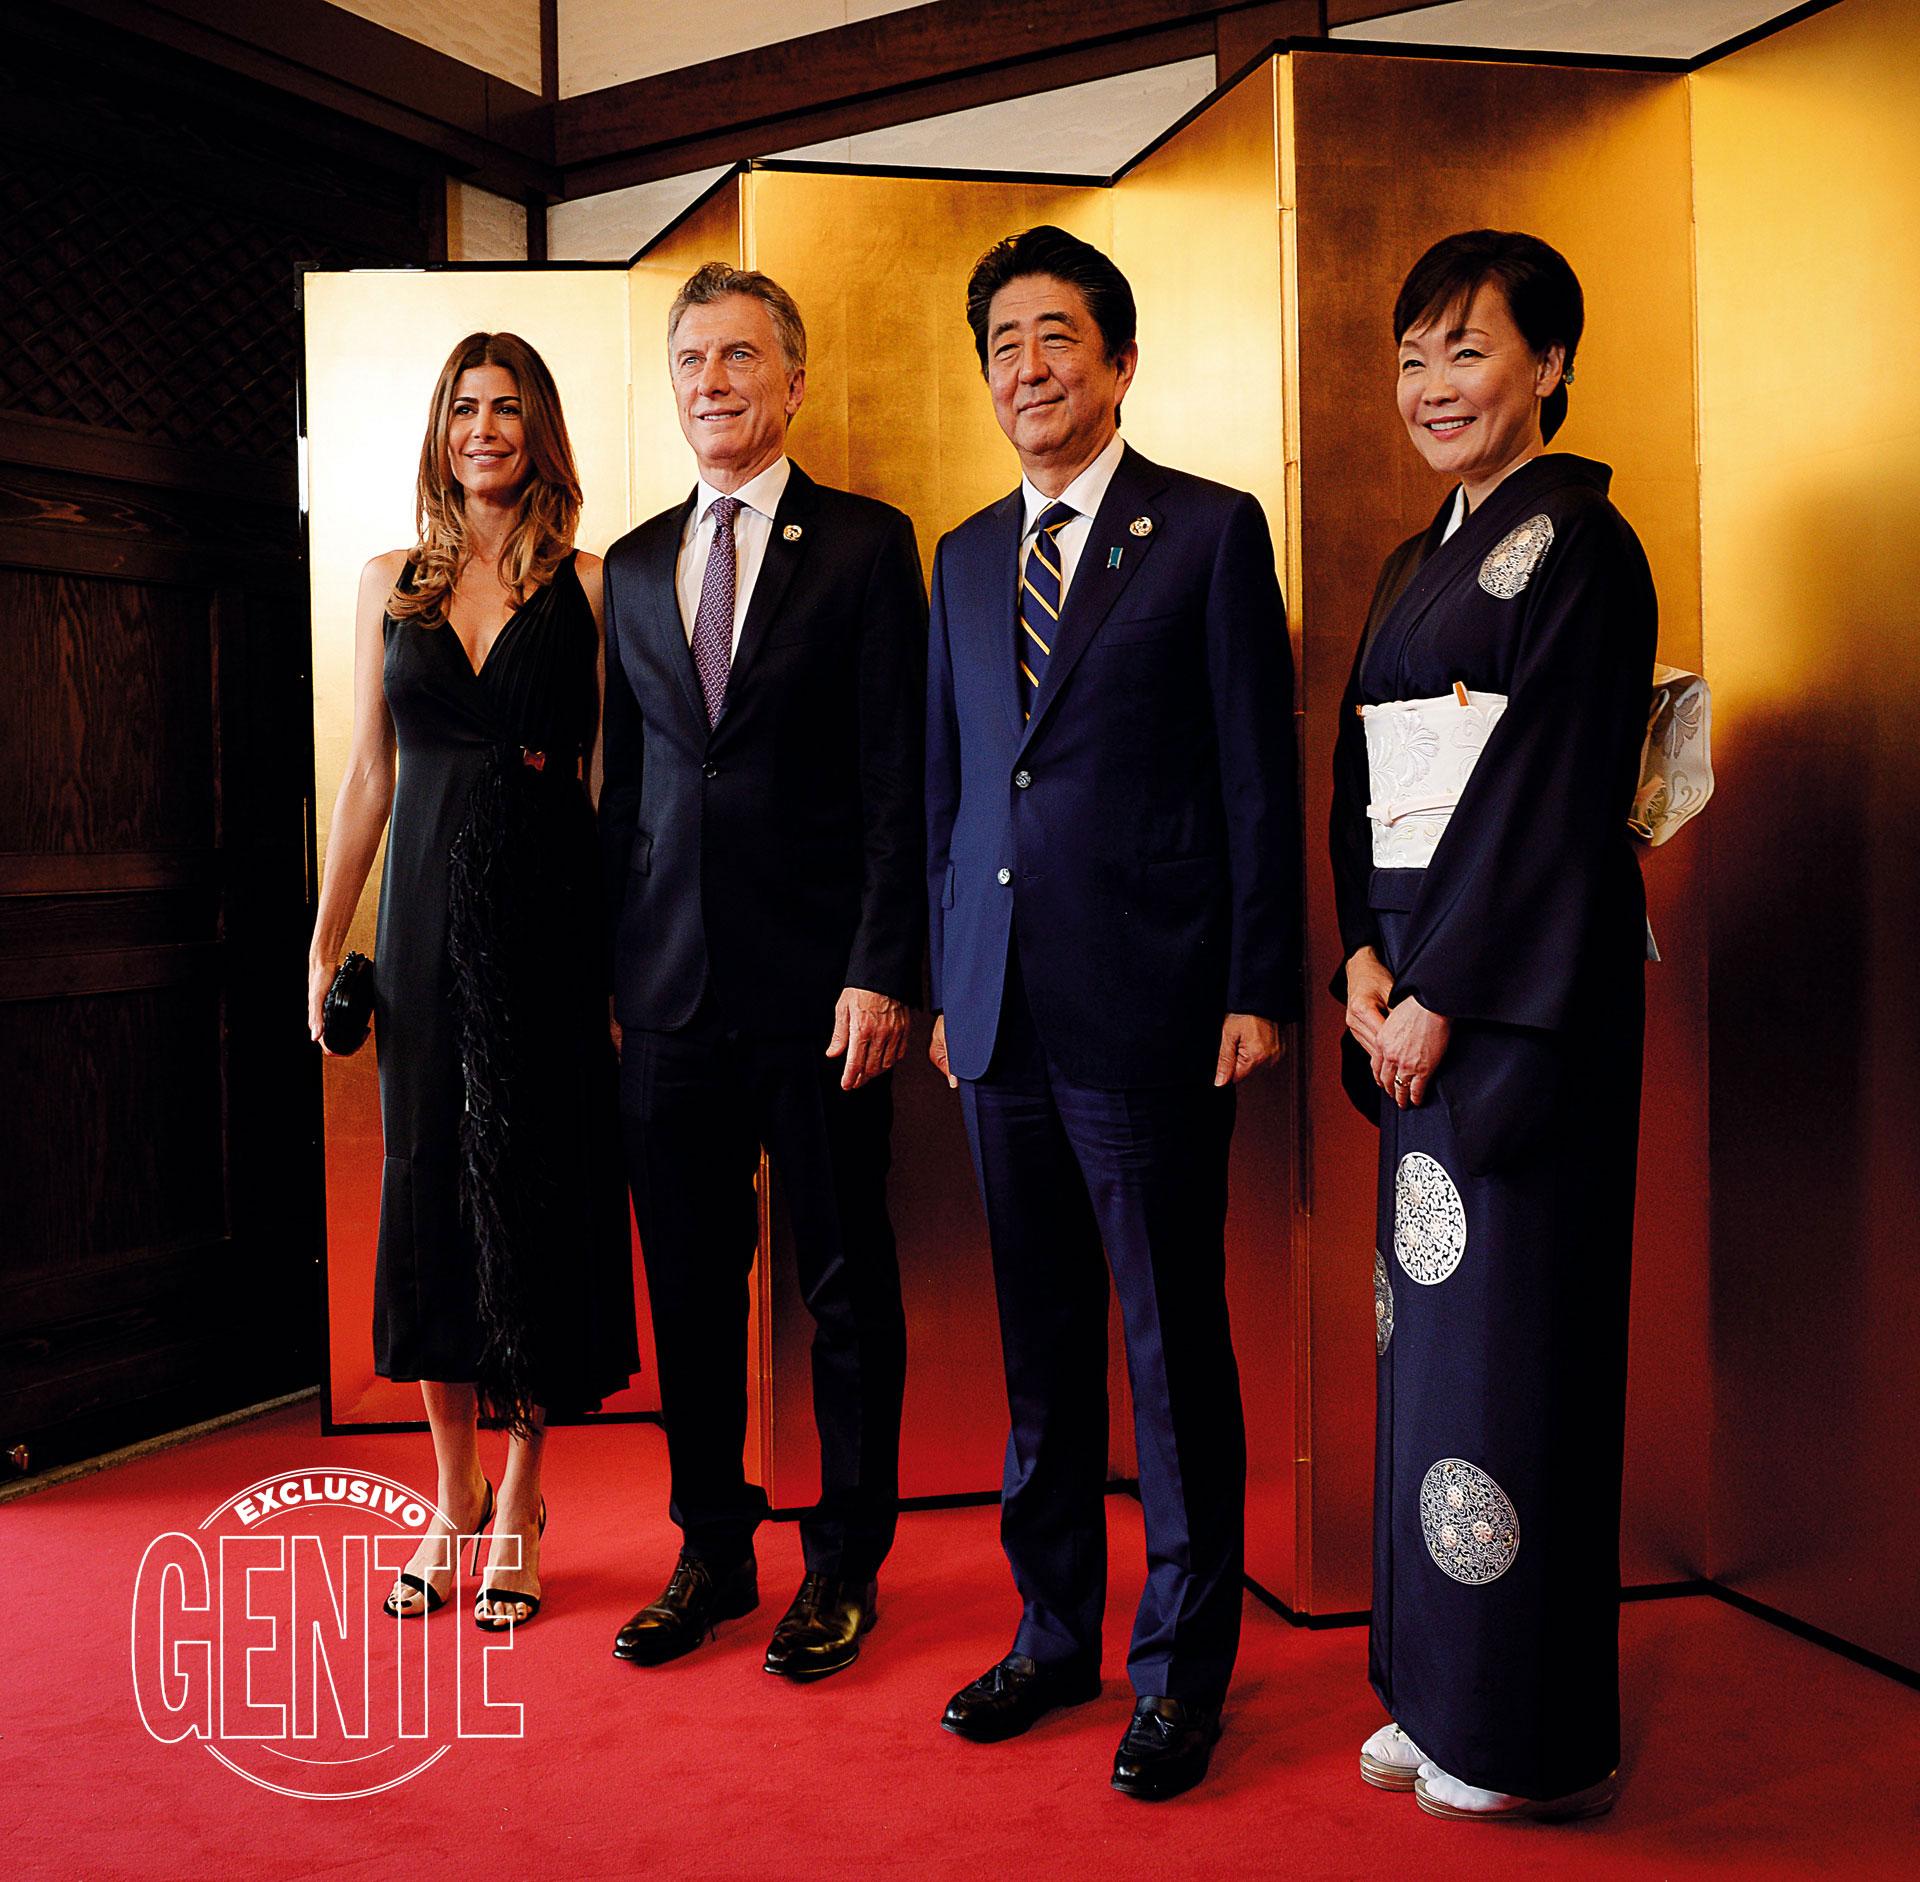 El viernes y sábado pasados, durante la reunión de la cumbre del G20, con los jefes de Estado y de Gobierno en Japón, Juliana deslumbró con su total black look a cargo de Prada y sus características sandalias desnudas.